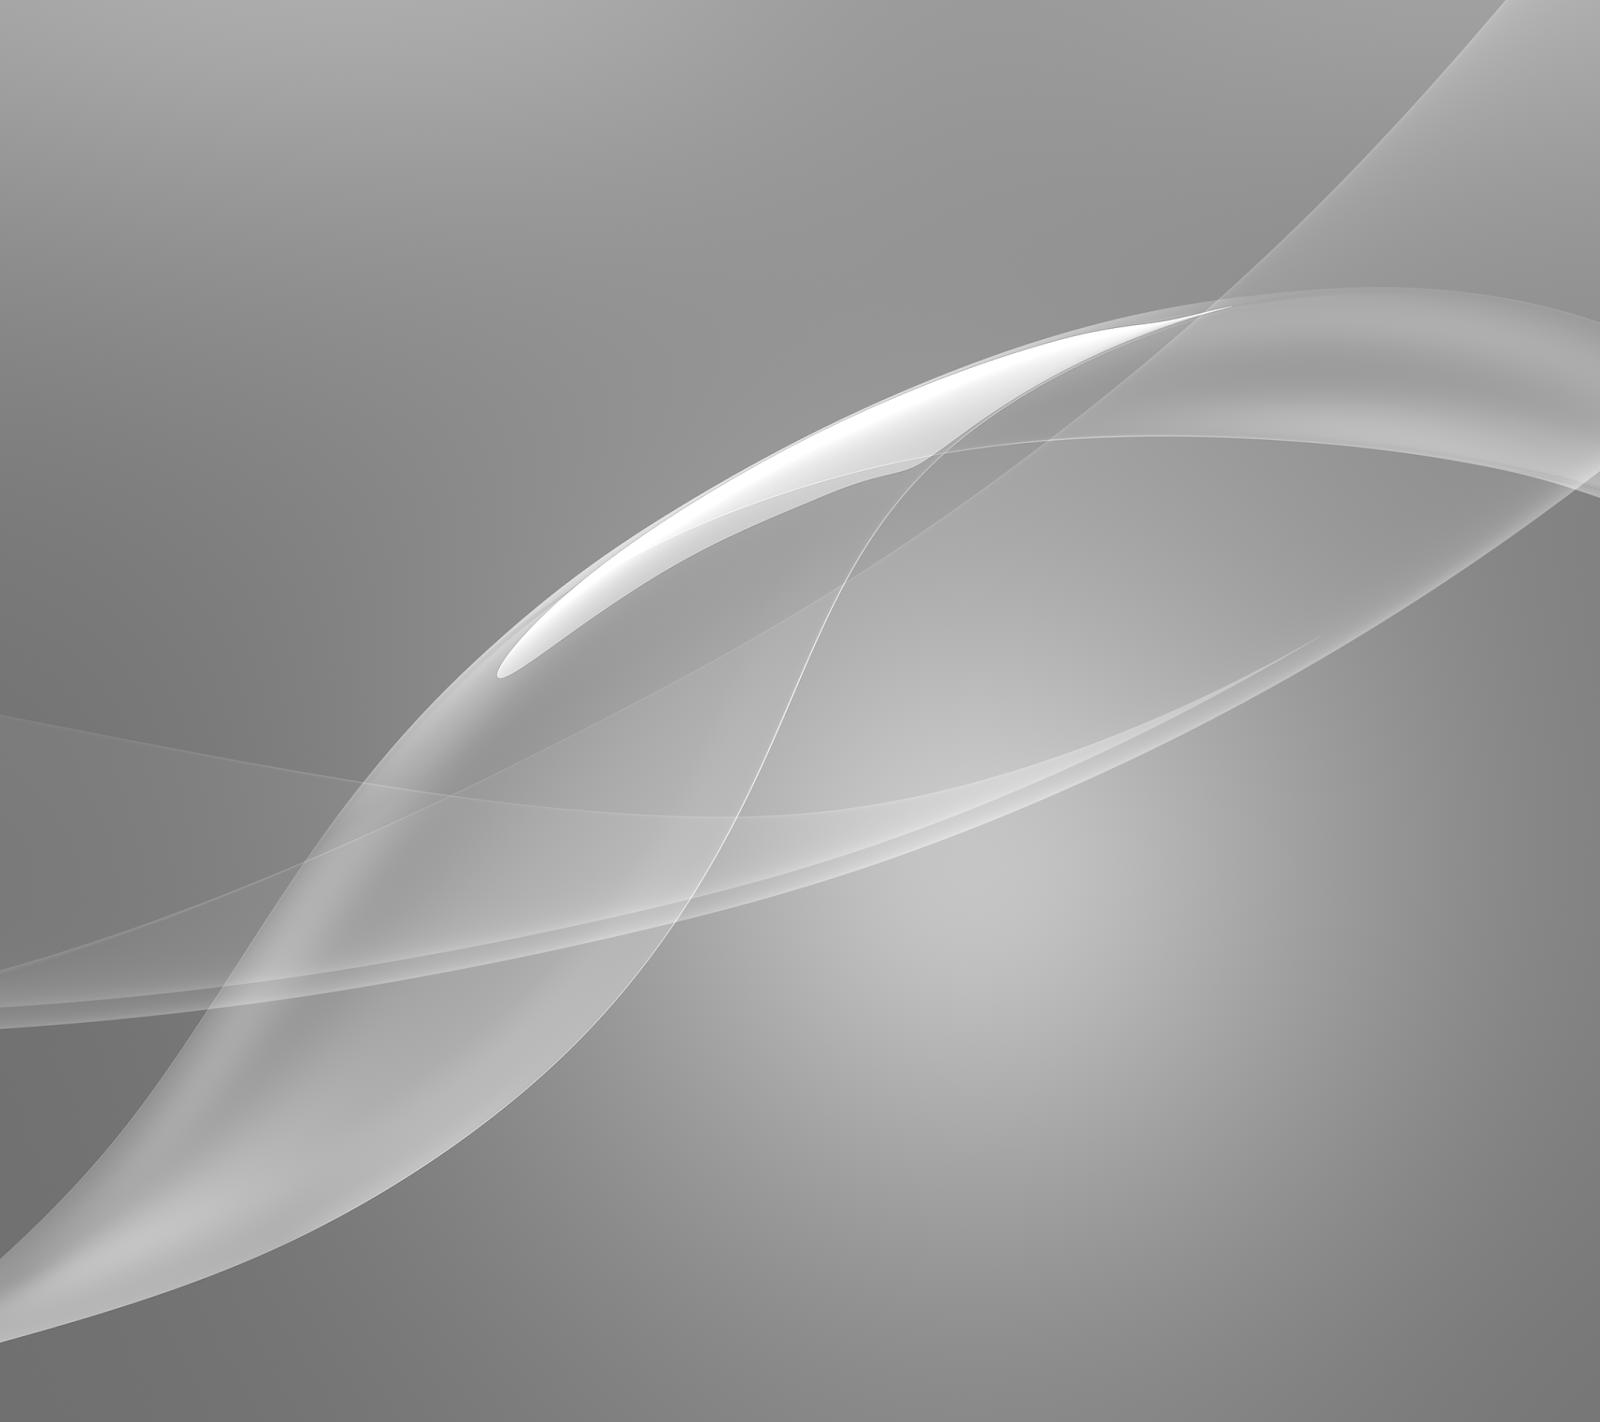 Xperia Z3 Wallpaper oficial 20